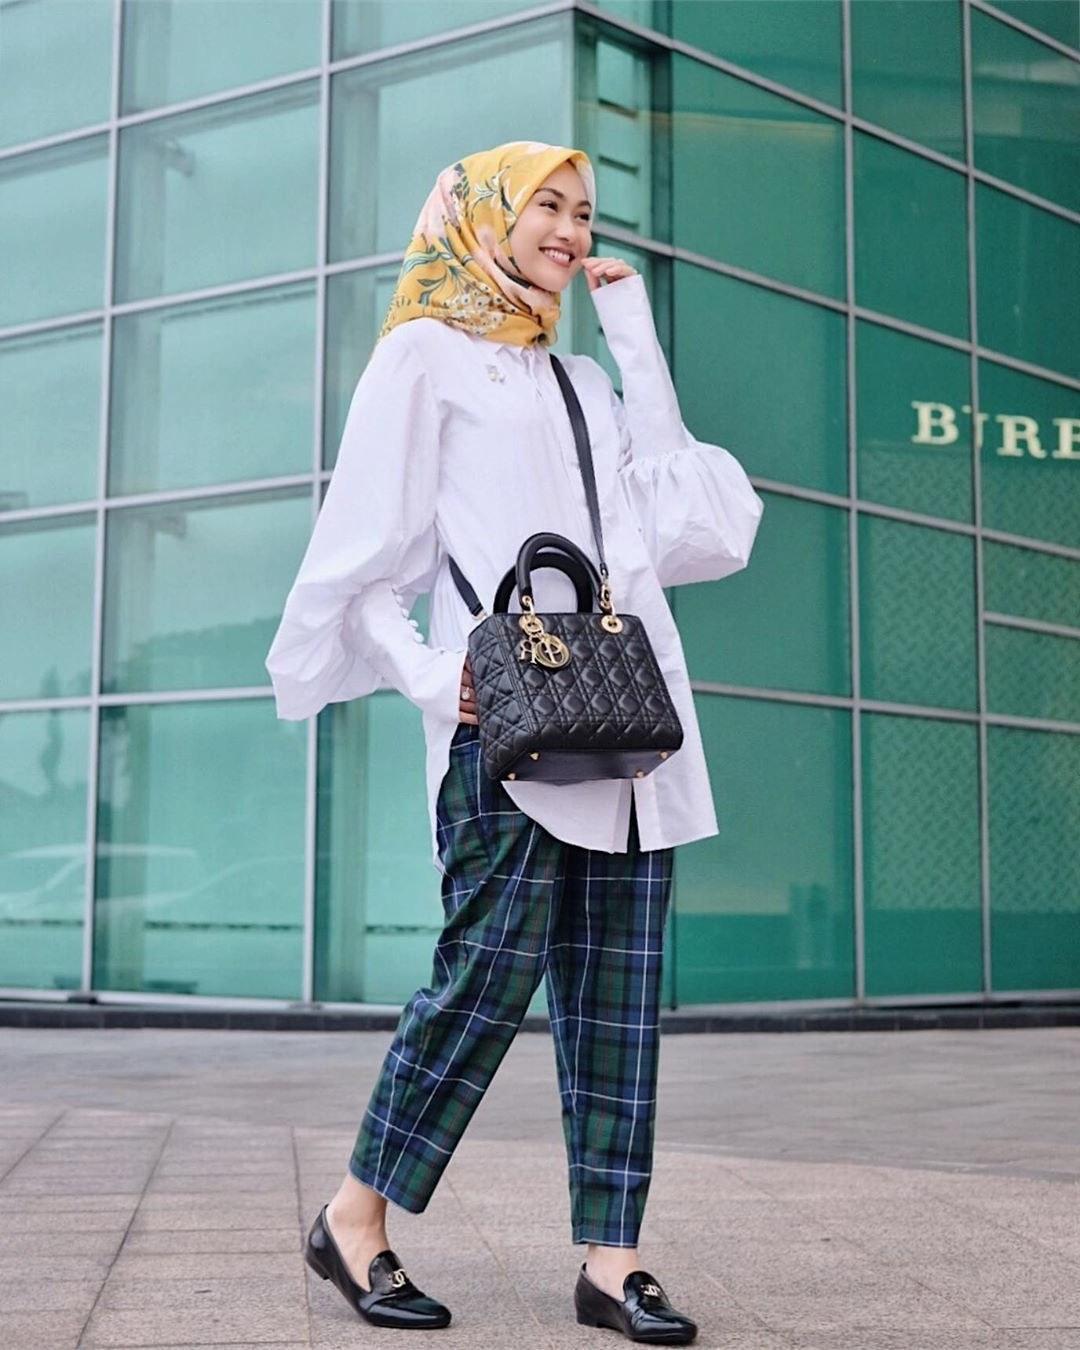 Ide Trend Baju Lebaran Tahun 2019 9ddf 5 Model Hijab Terbaru Yang Jadi Tren Di Tahun 2019